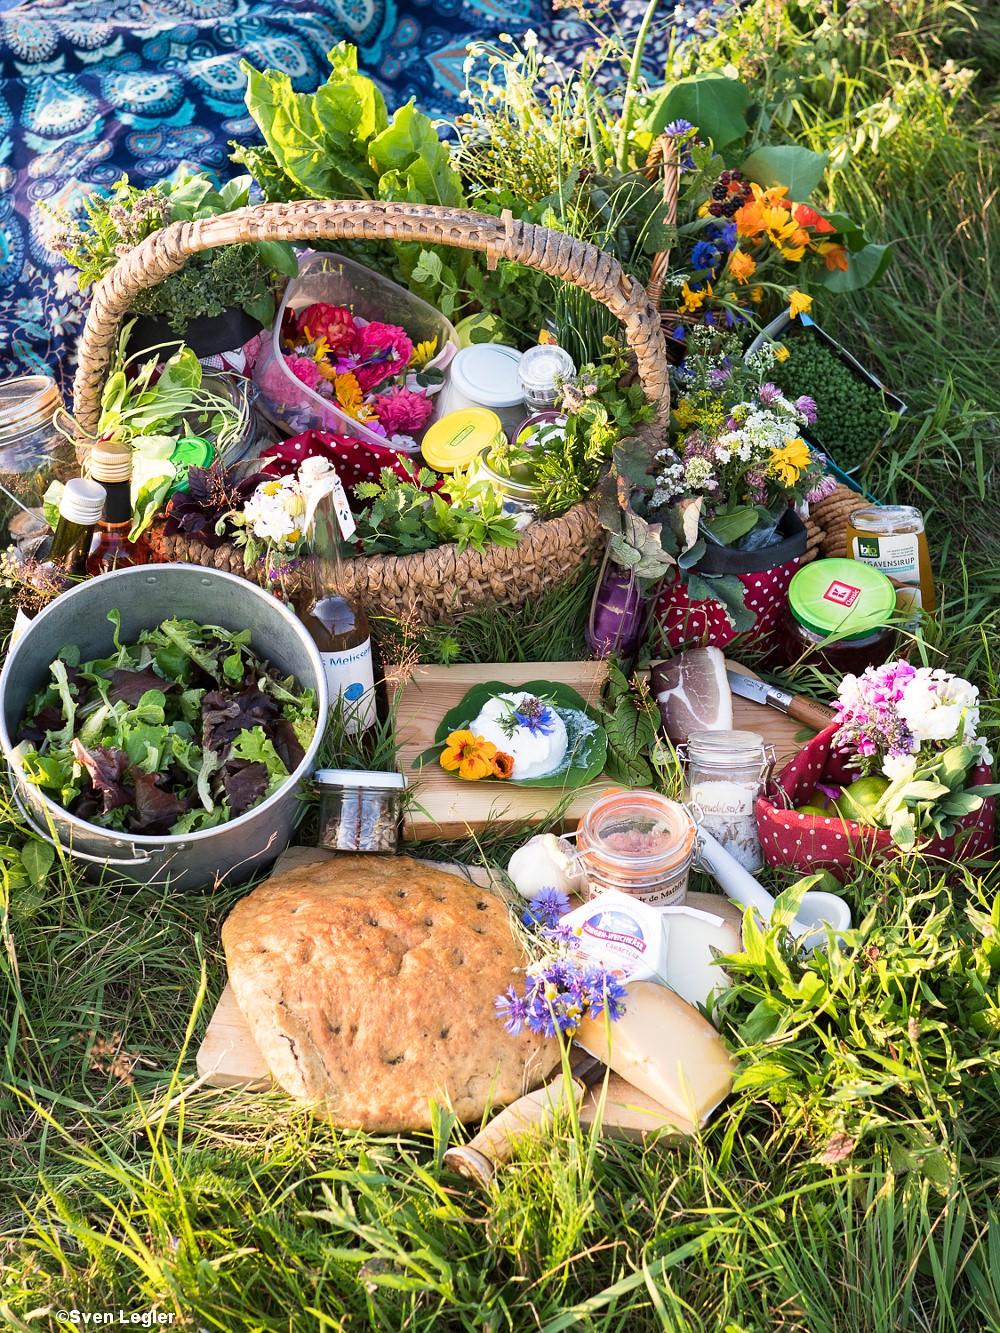 Blumensträuße, Kräuter, Schinken, Ziegenfrischkäse und andere Zutaten